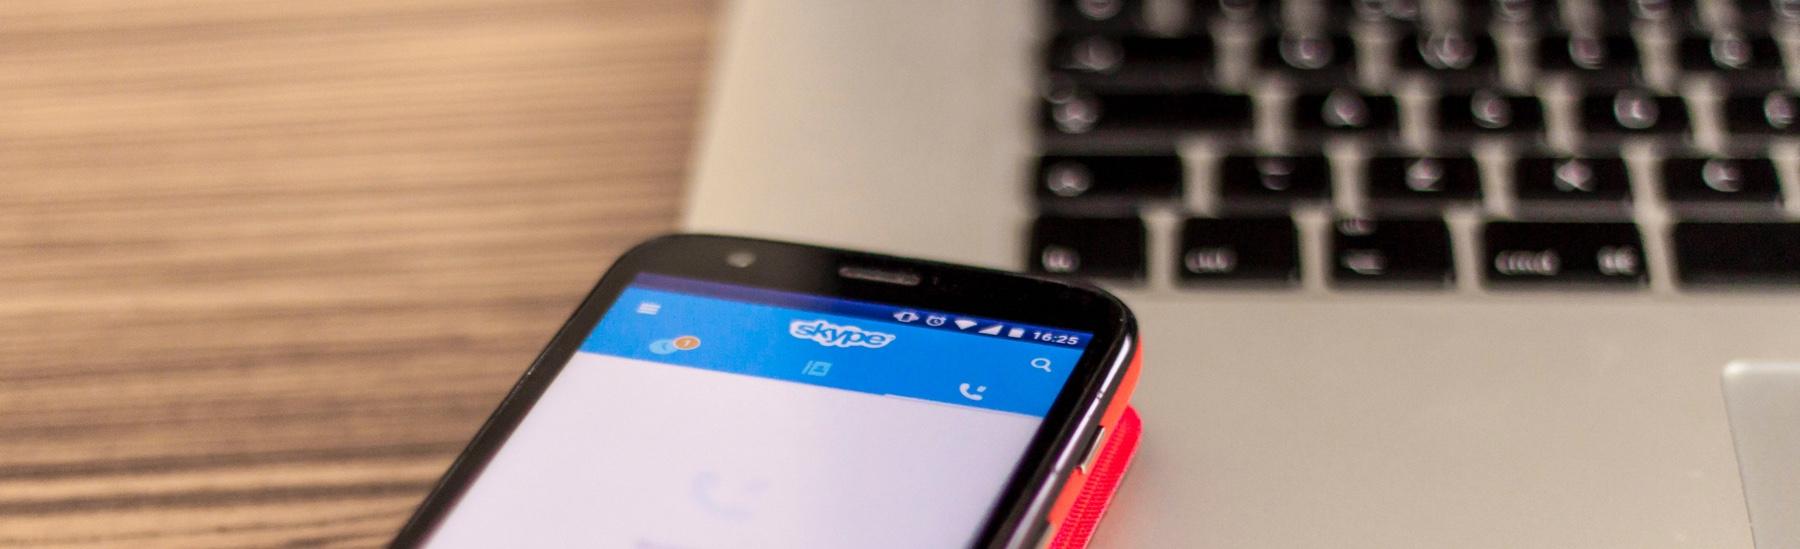 What's Behind eBay's Bid for Skype?